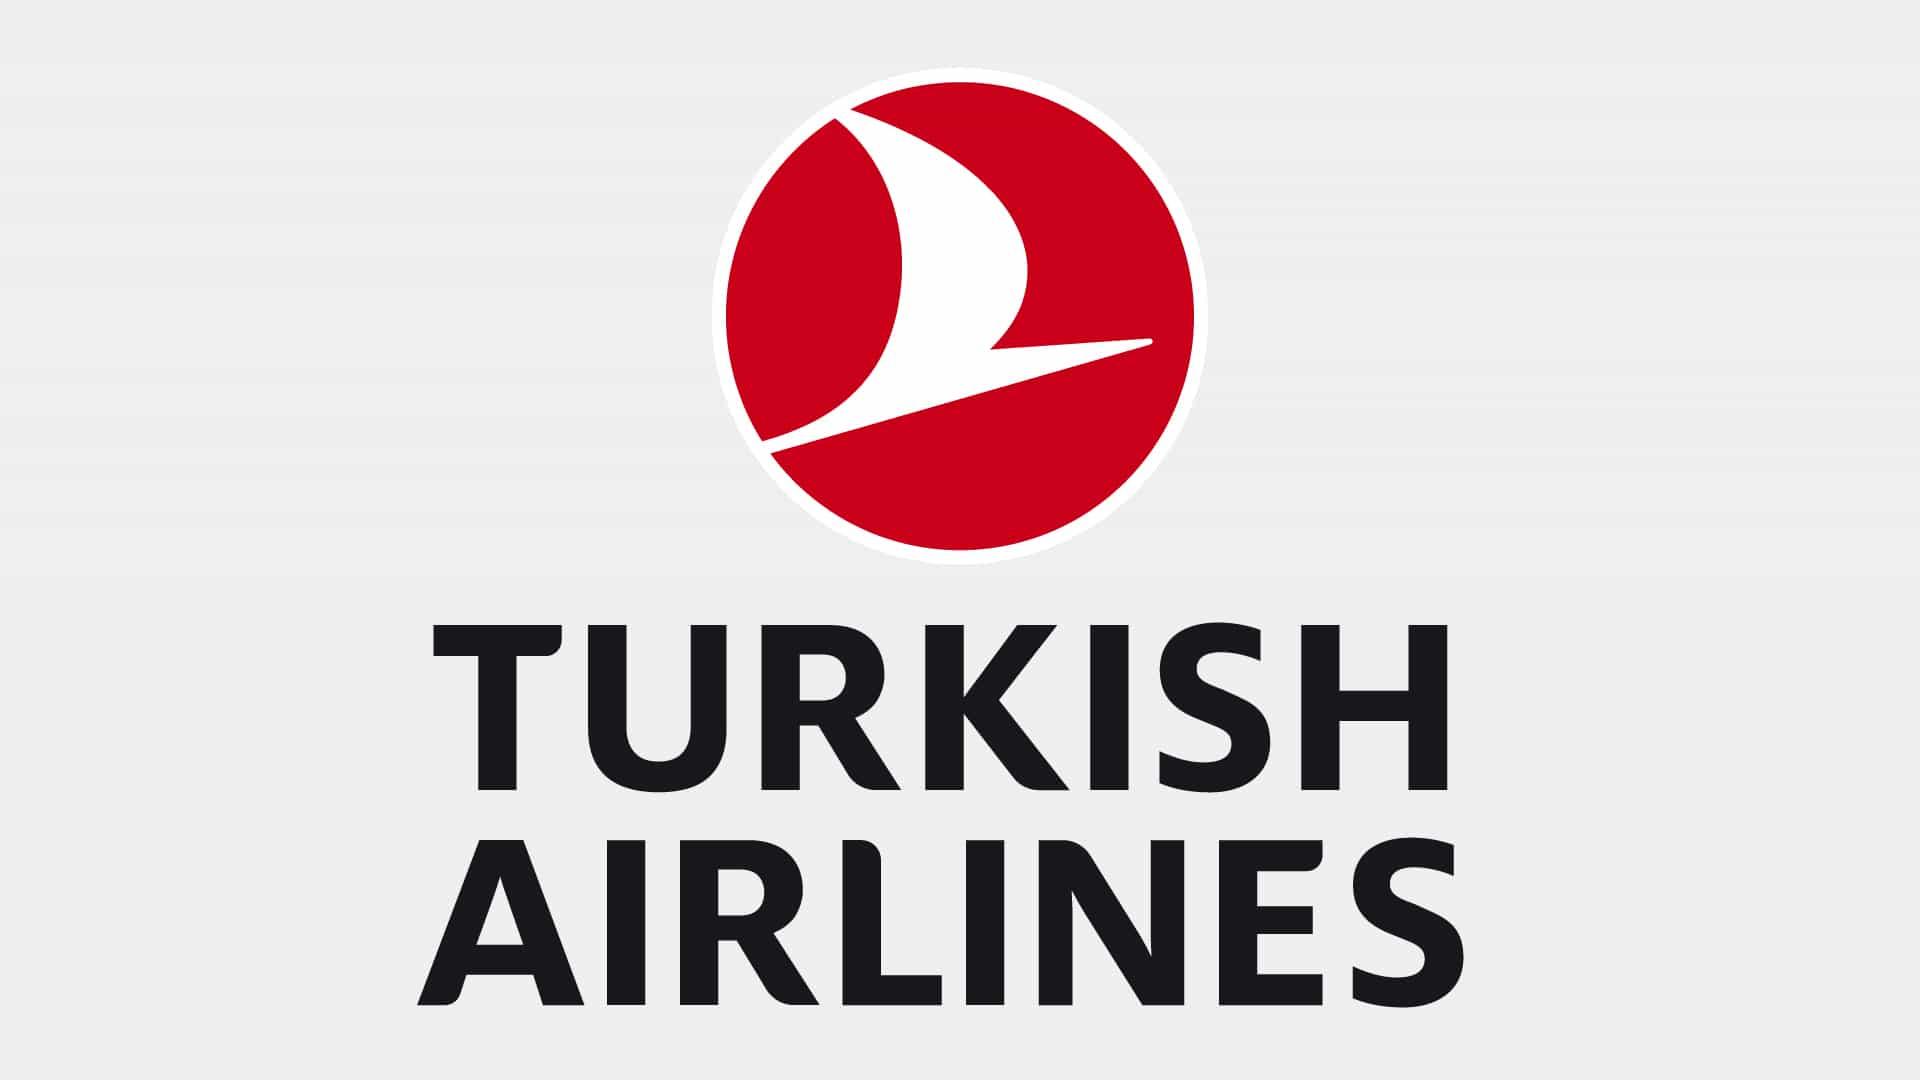 Türk Hava Yolları Logosu ve Anlamı